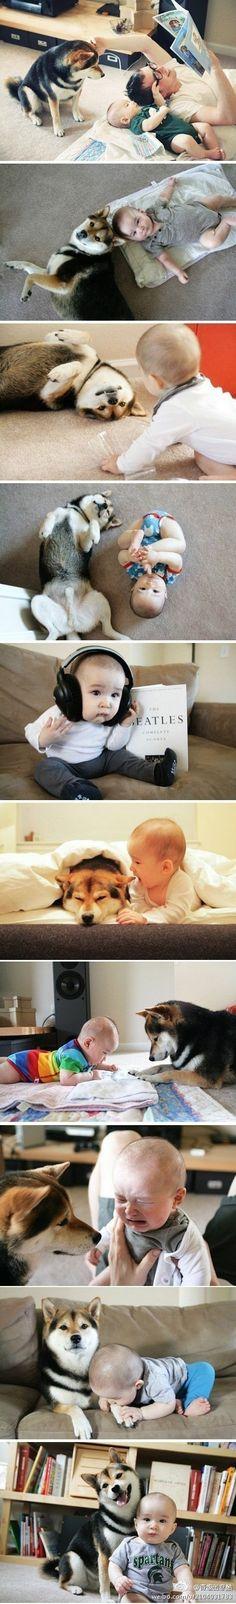 Pets and Kids, wonderful!